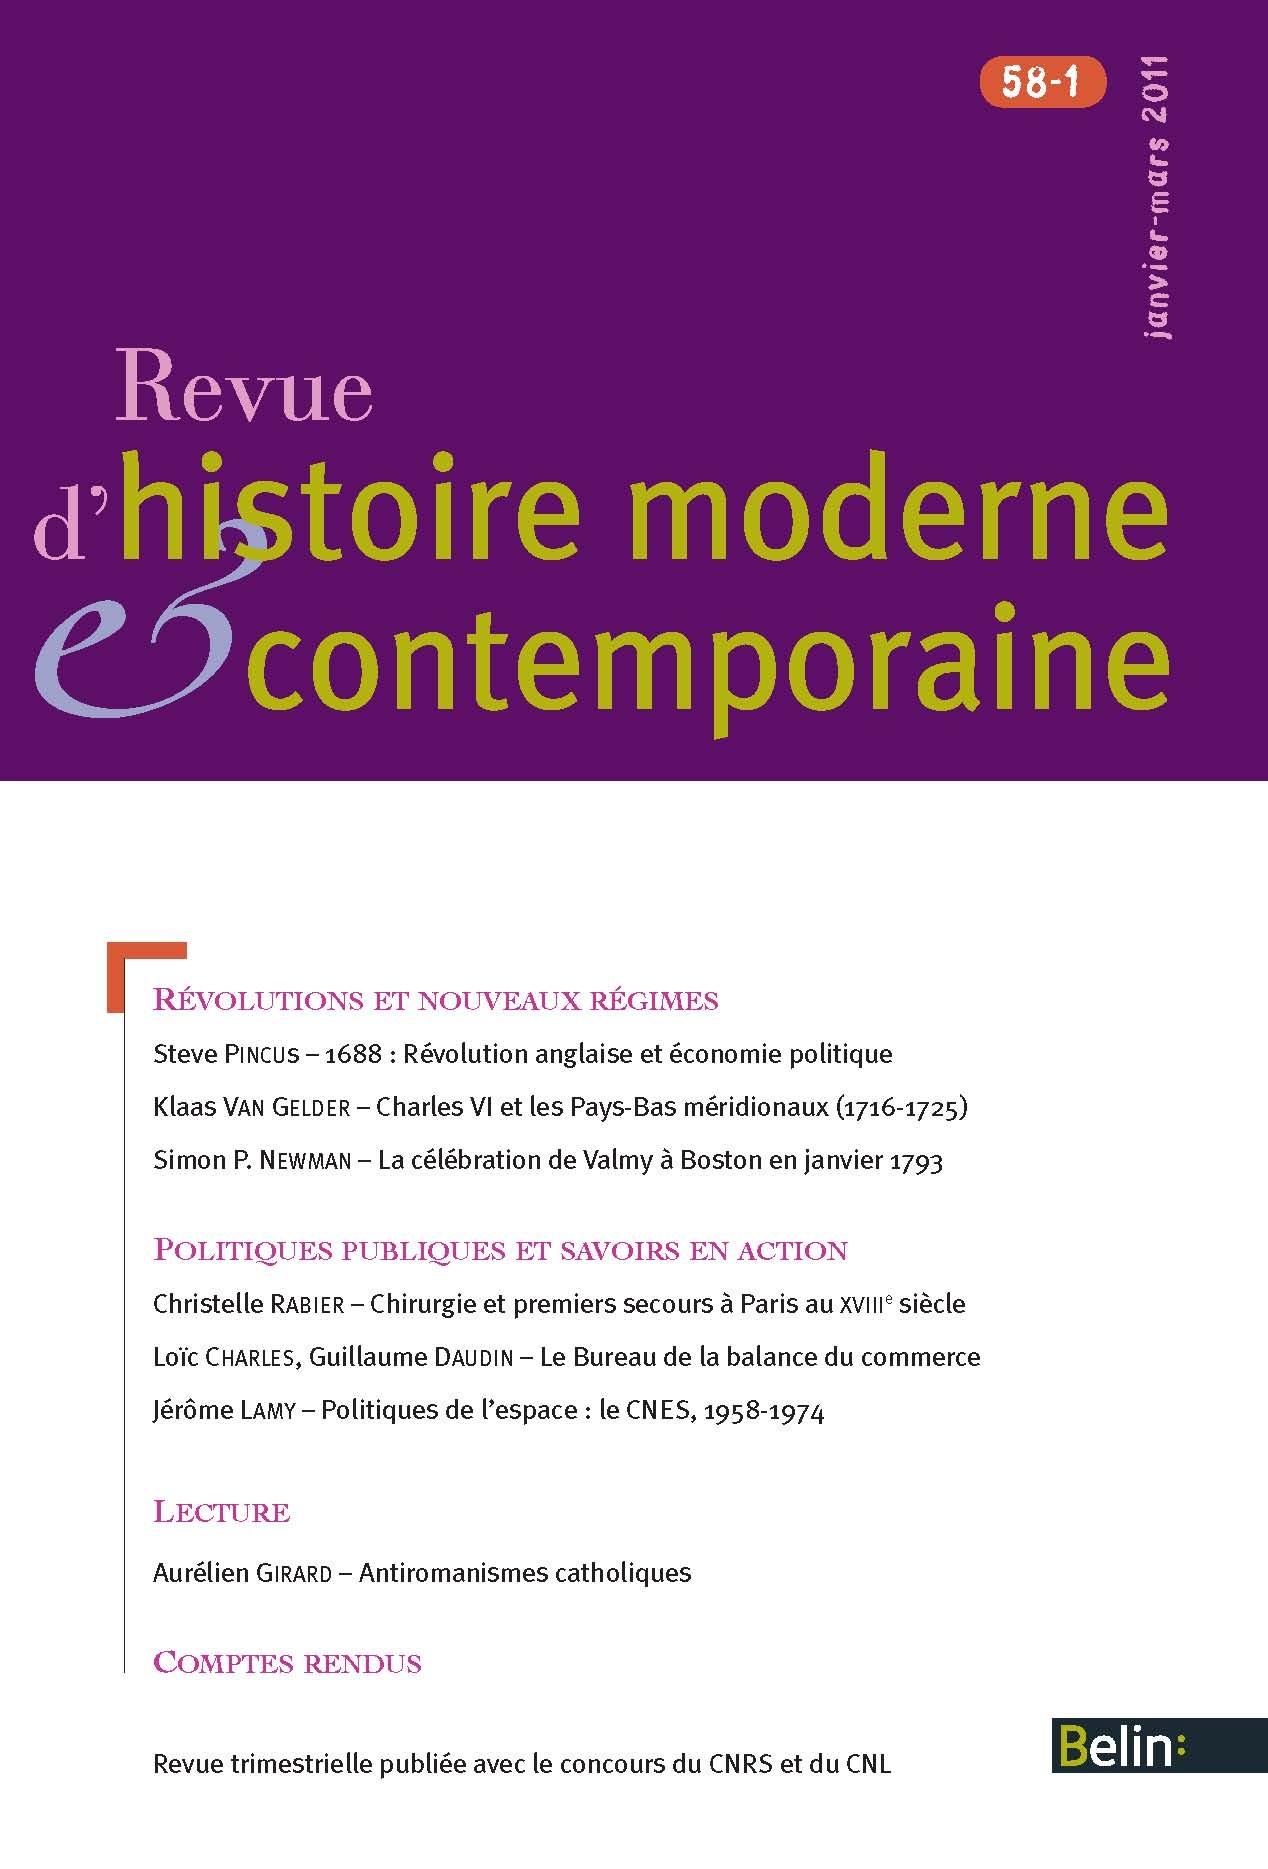 Périmètre Du Mur D Aurélien la révolution française vue de loin : la célébration de